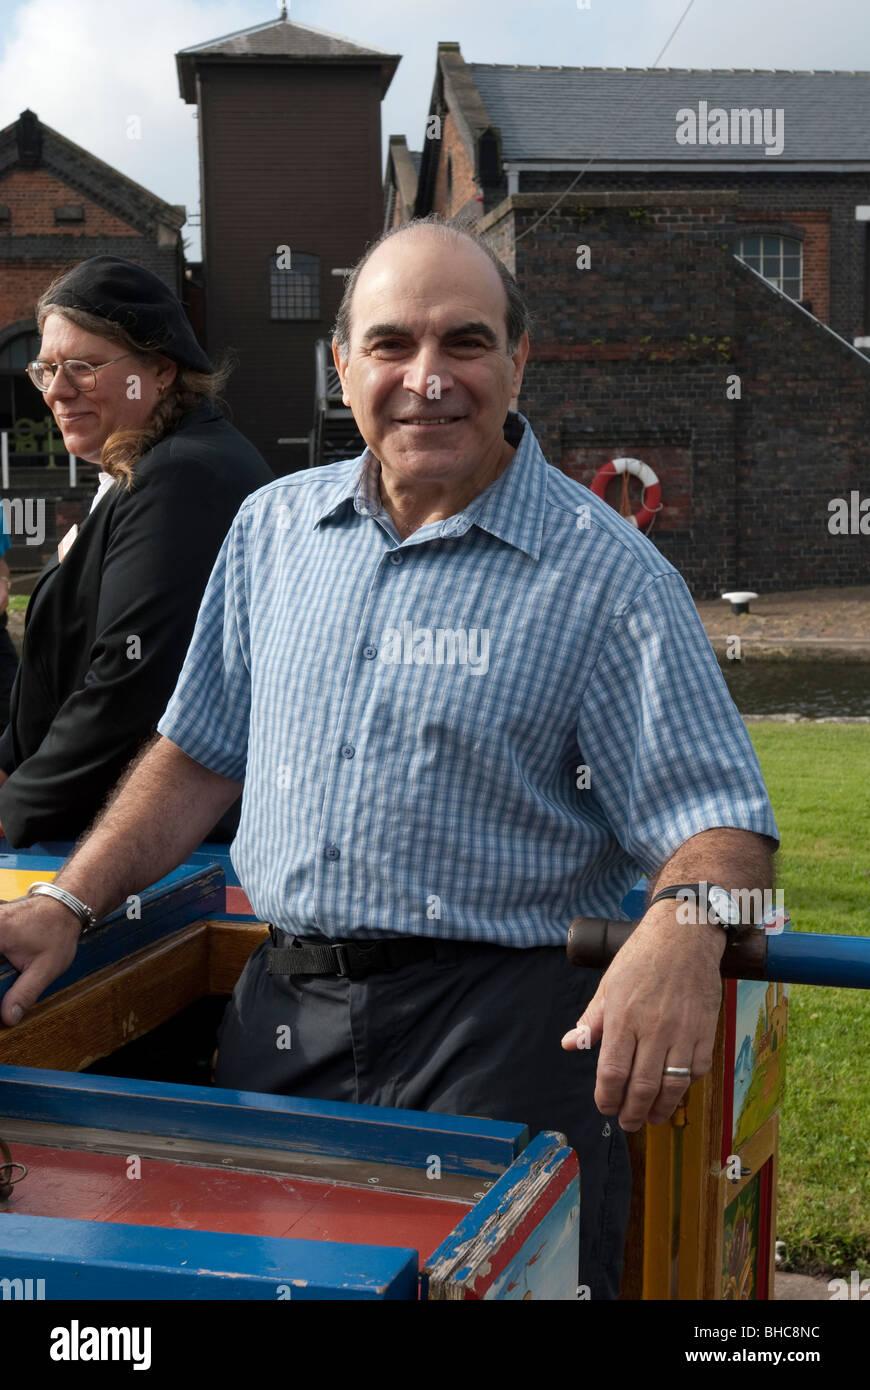 Hercule Poirot David Suchet Actor - Stock Image